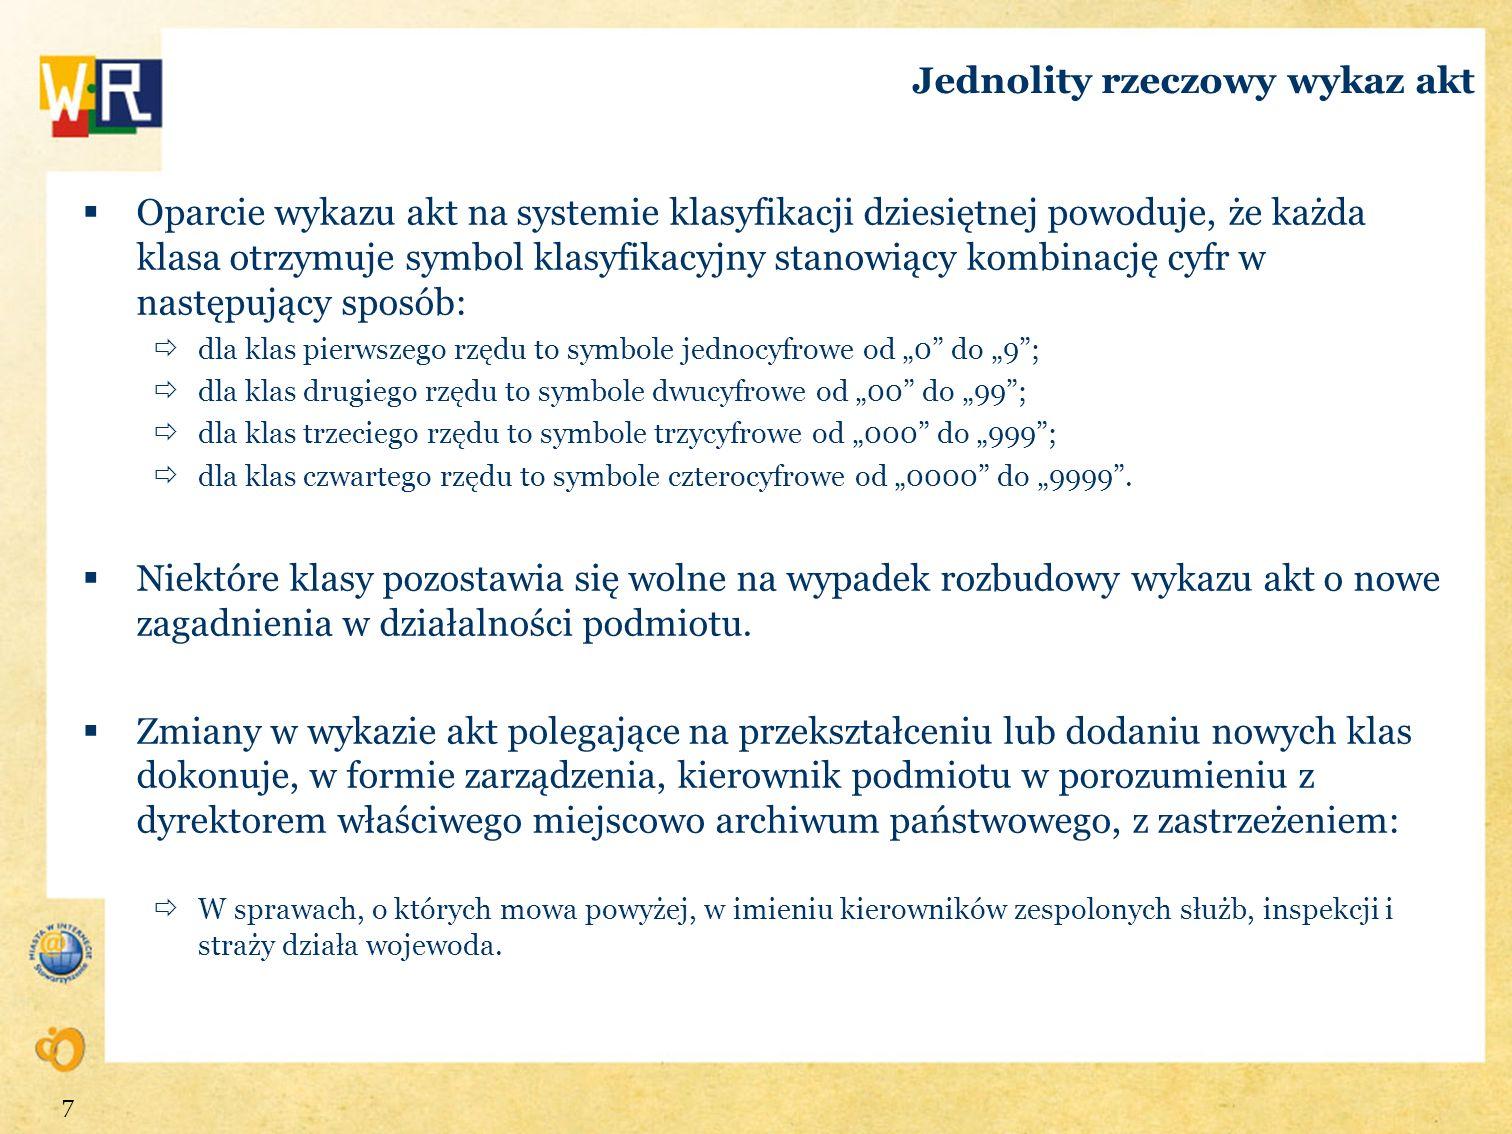 Jednolity rzeczowy wykaz akt Oparcie wykazu akt na systemie klasyfikacji dziesiętnej powoduje, że każda klasa otrzymuje symbol klasyfikacyjny stanowią